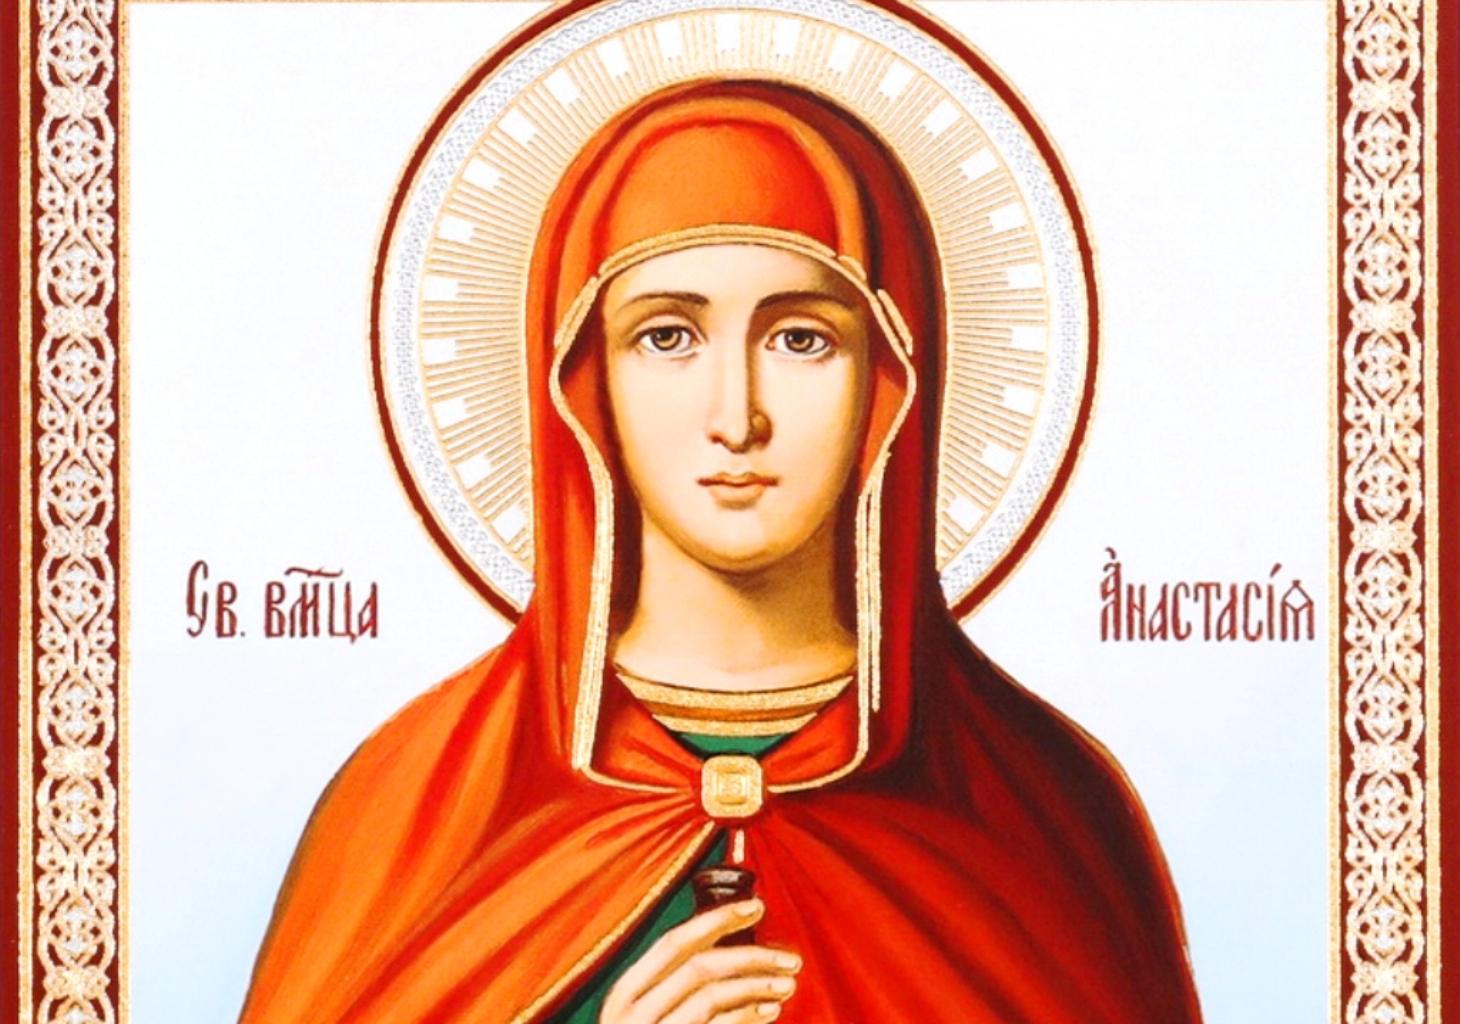 Приметы на 11 ноября — День Анастасии: особое правило для женщин принесет удачу